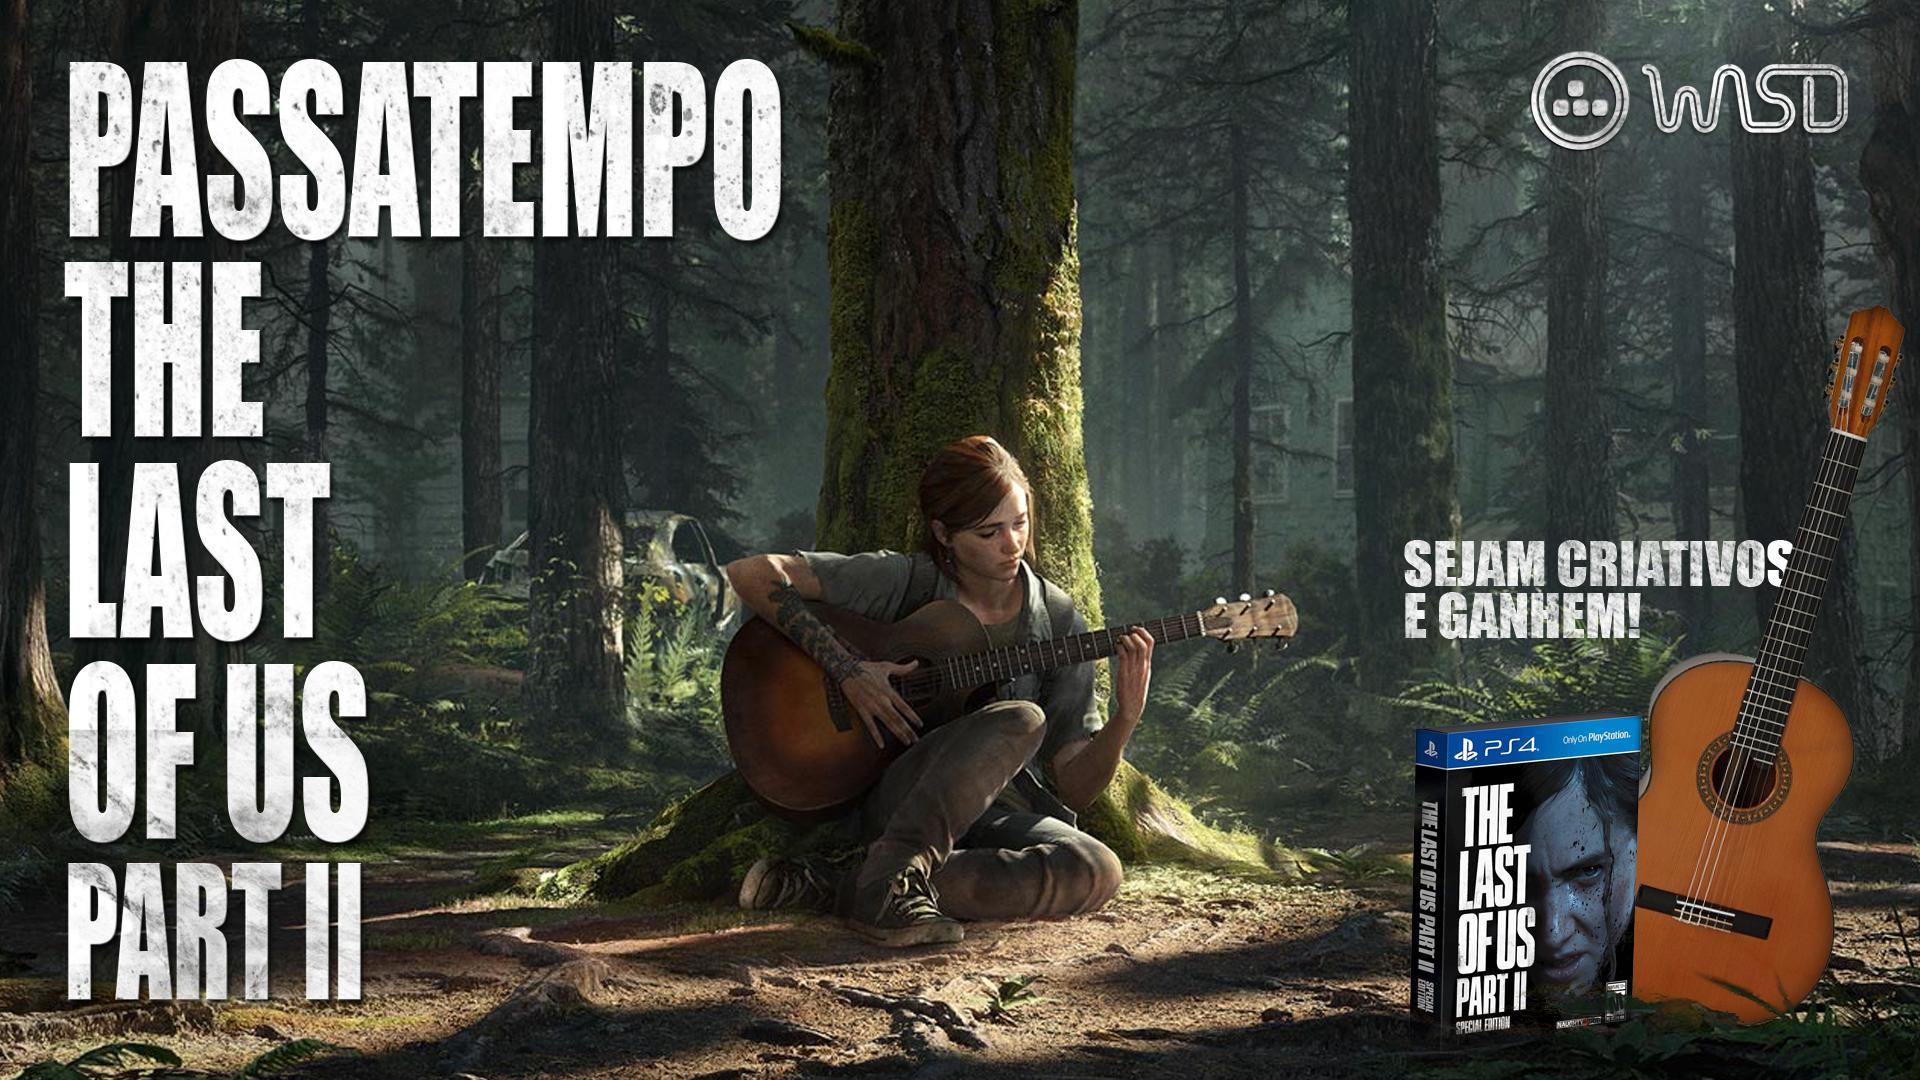 [Encerrado] Passatempo – Guitarra The Last of Us Part II